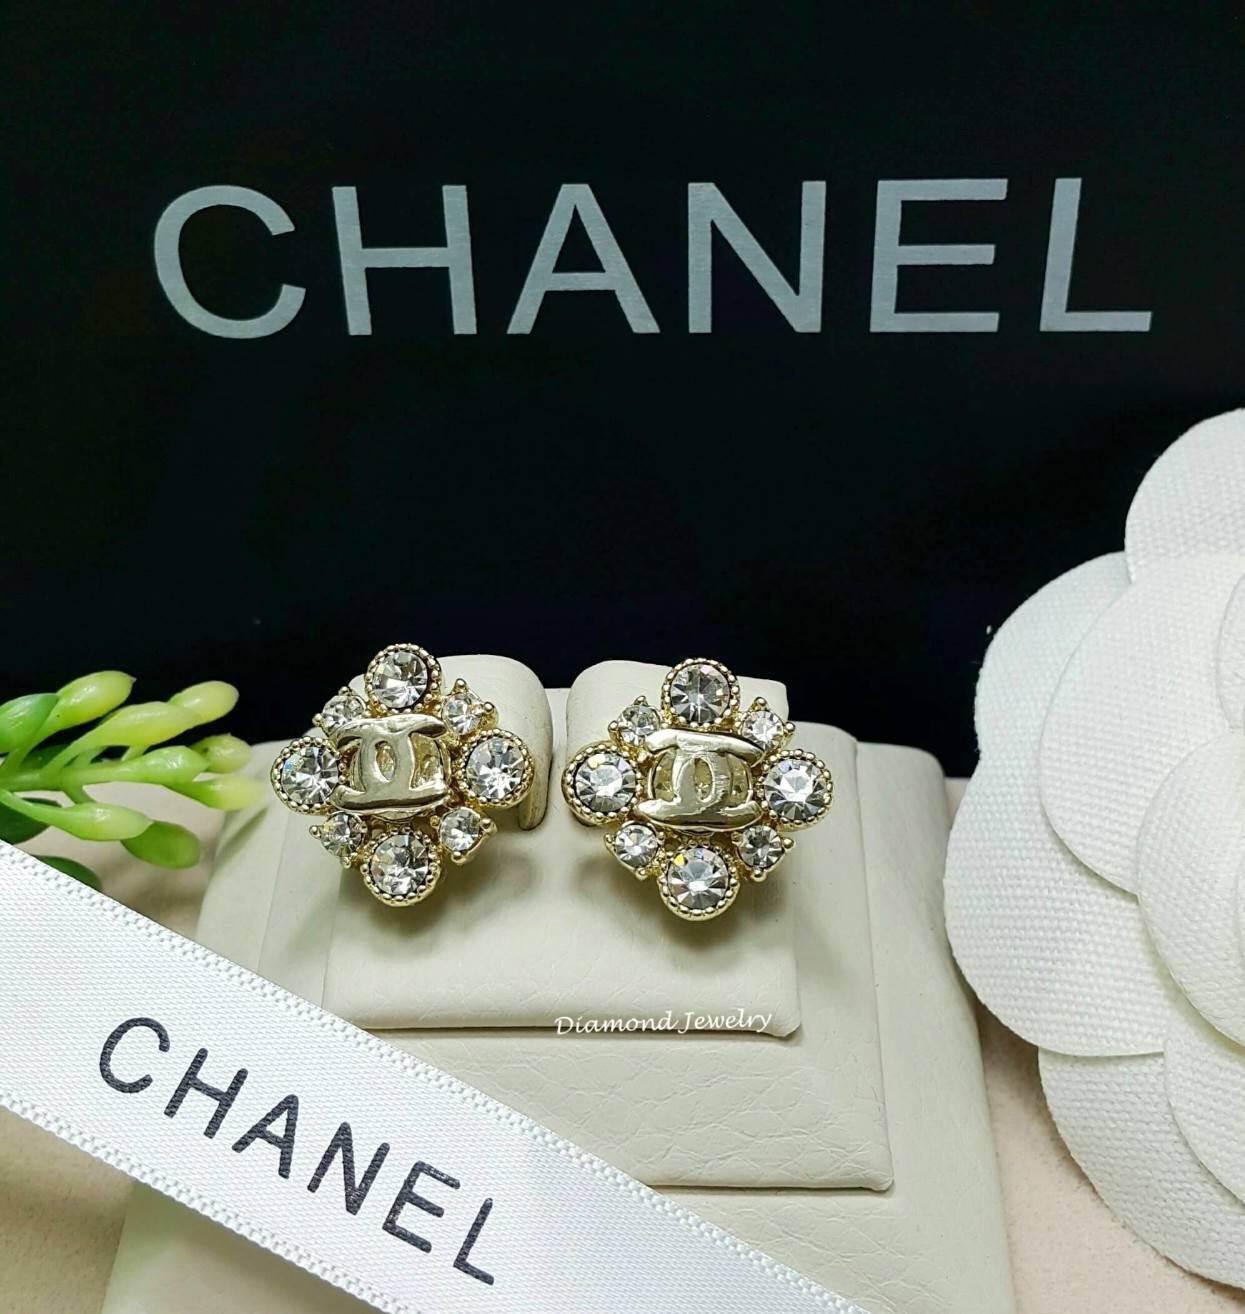 พร้อมส่ง ต่างหู Chanel งานเพชร CZ แท้ เพชรคัดเกรด 6A